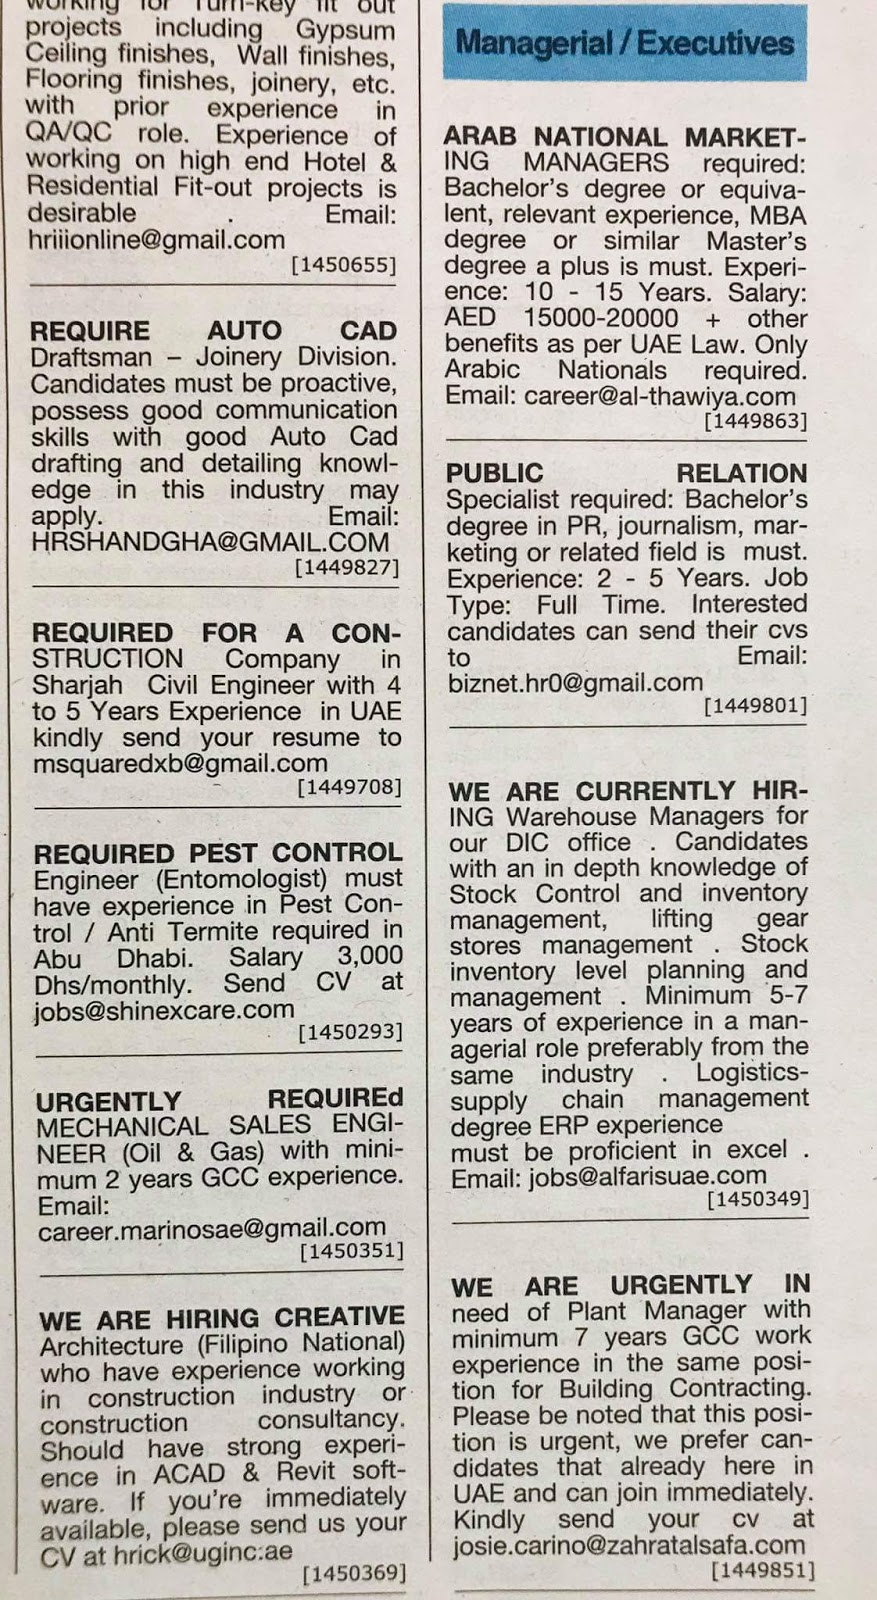 Dubai jobs local hiring khalej Times-UAE-0410116- Jobs in Abroad